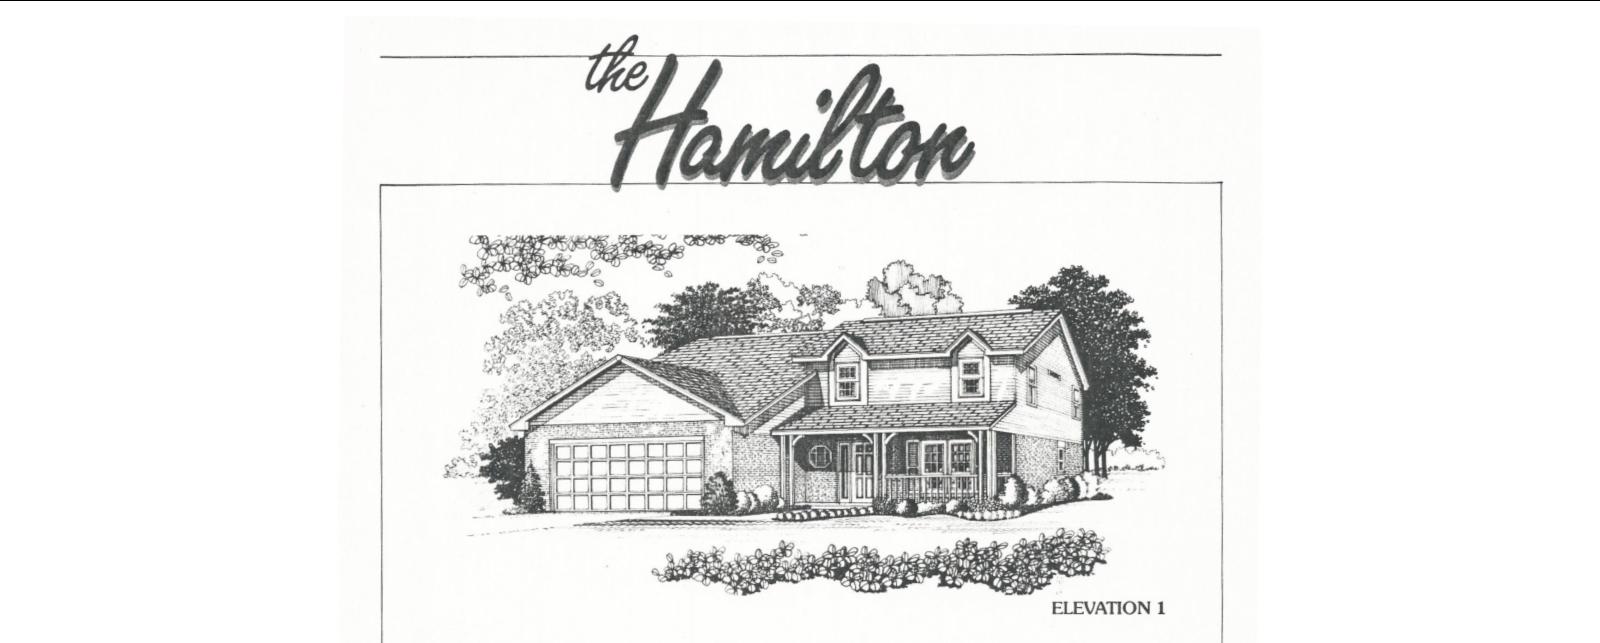 Huber Home Floor Plans Hamilton model